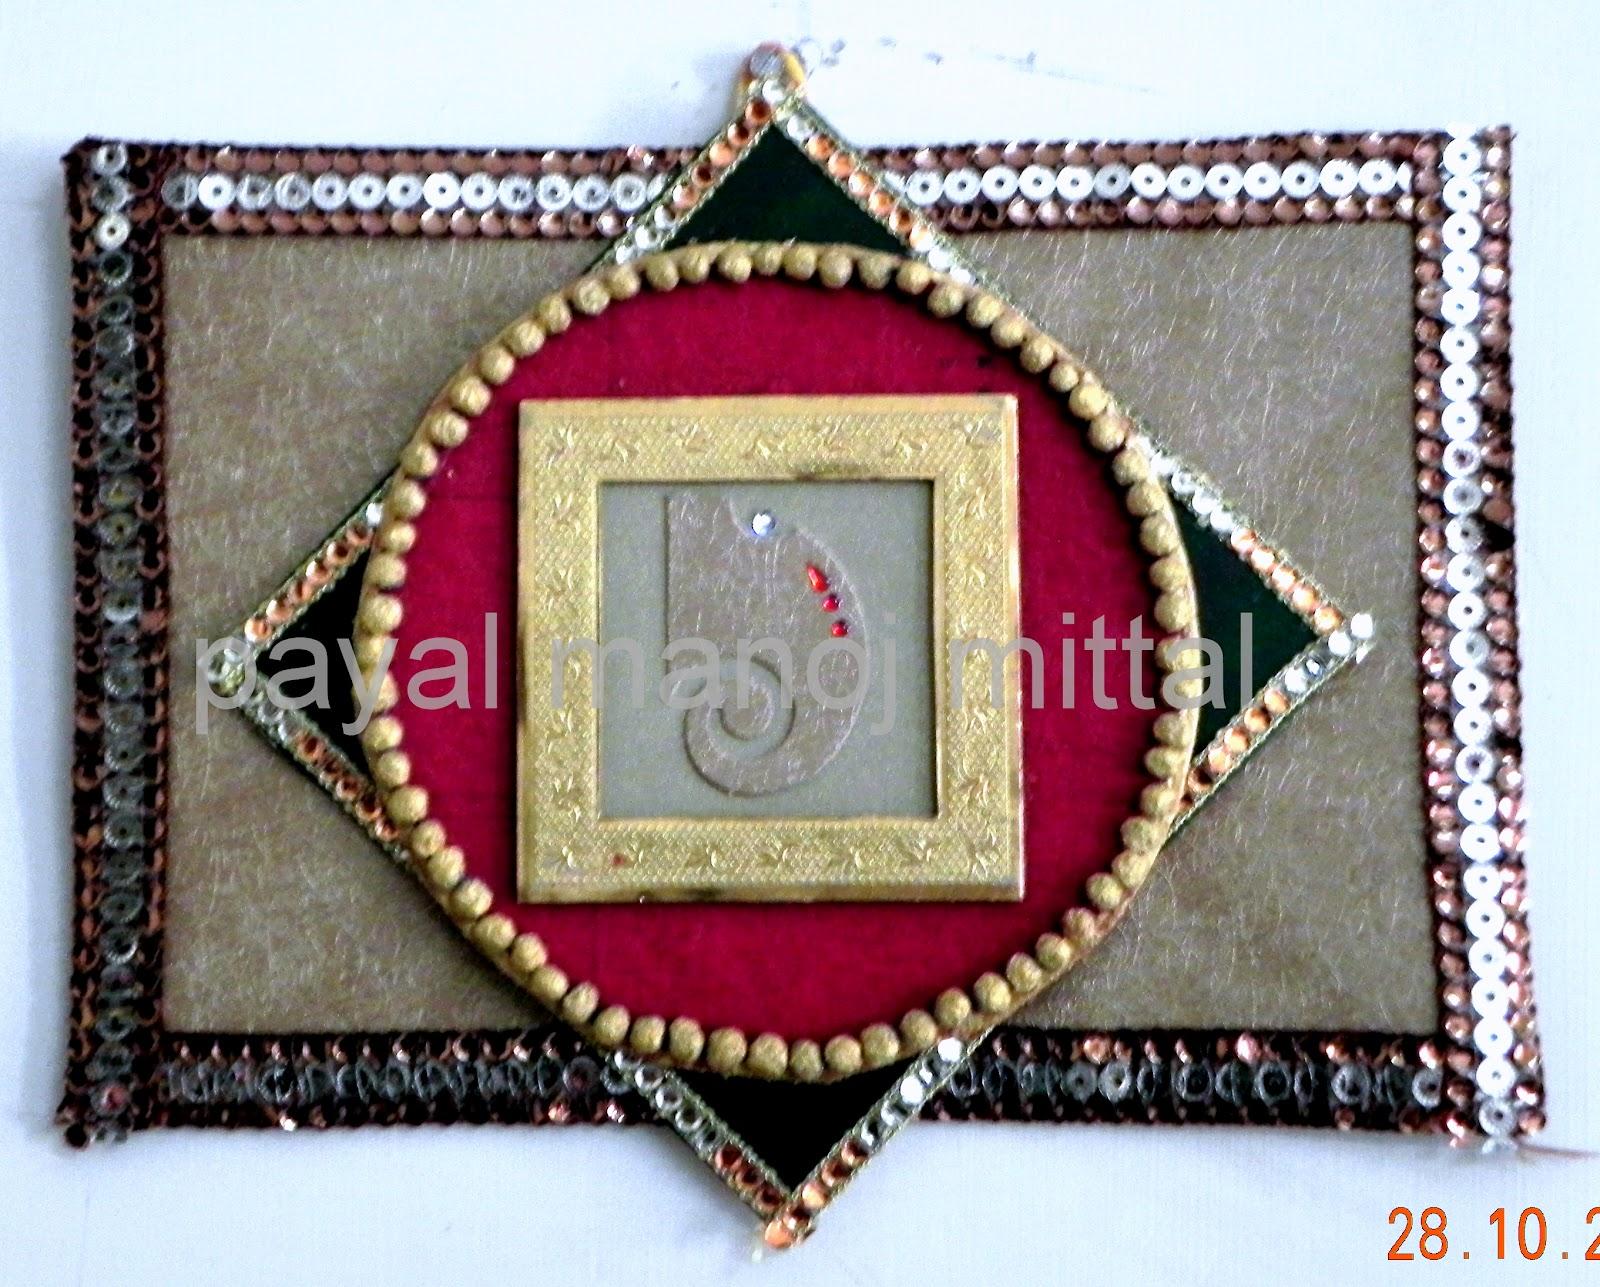 http://4.bp.blogspot.com/-g8xqs_4EOuc/UCnsPBE4SmI/AAAAAAAAAFA/3_LWuSvGZ7c/s1600/ganesha+wall+hanging.jpg